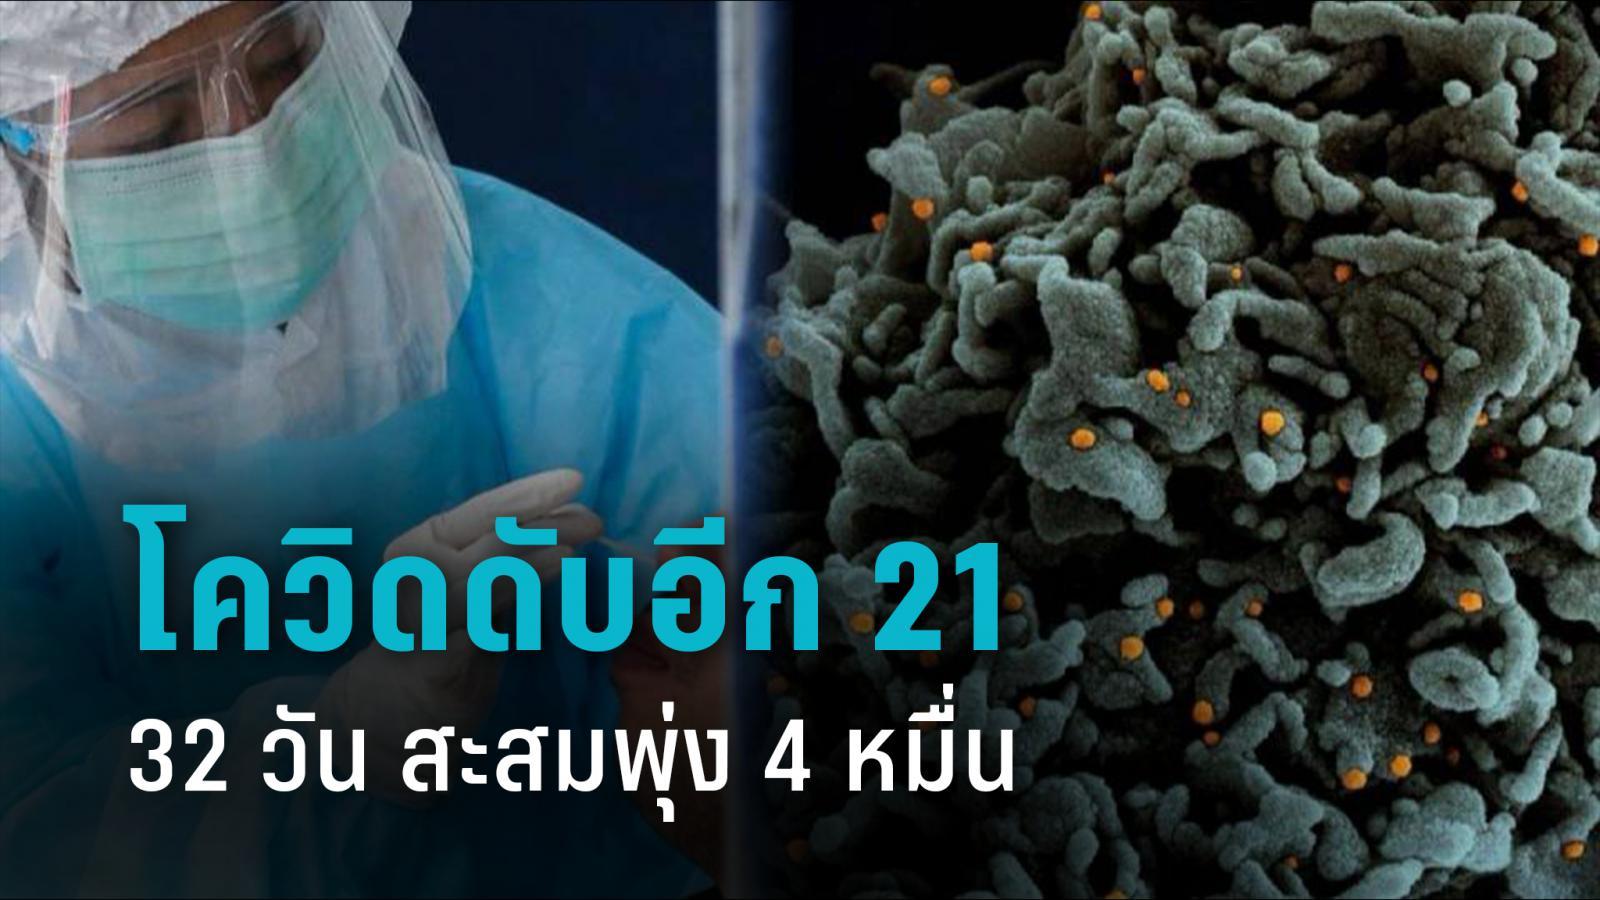 ติดเชื้อรายใหม่ พุ่ง 1,940 คร่าชีวิตอีก 21 คน หมอเผยสาเหตุติดหนัก - เกินยื้อ ทั่วโลกทะลุ 151 ล้าน